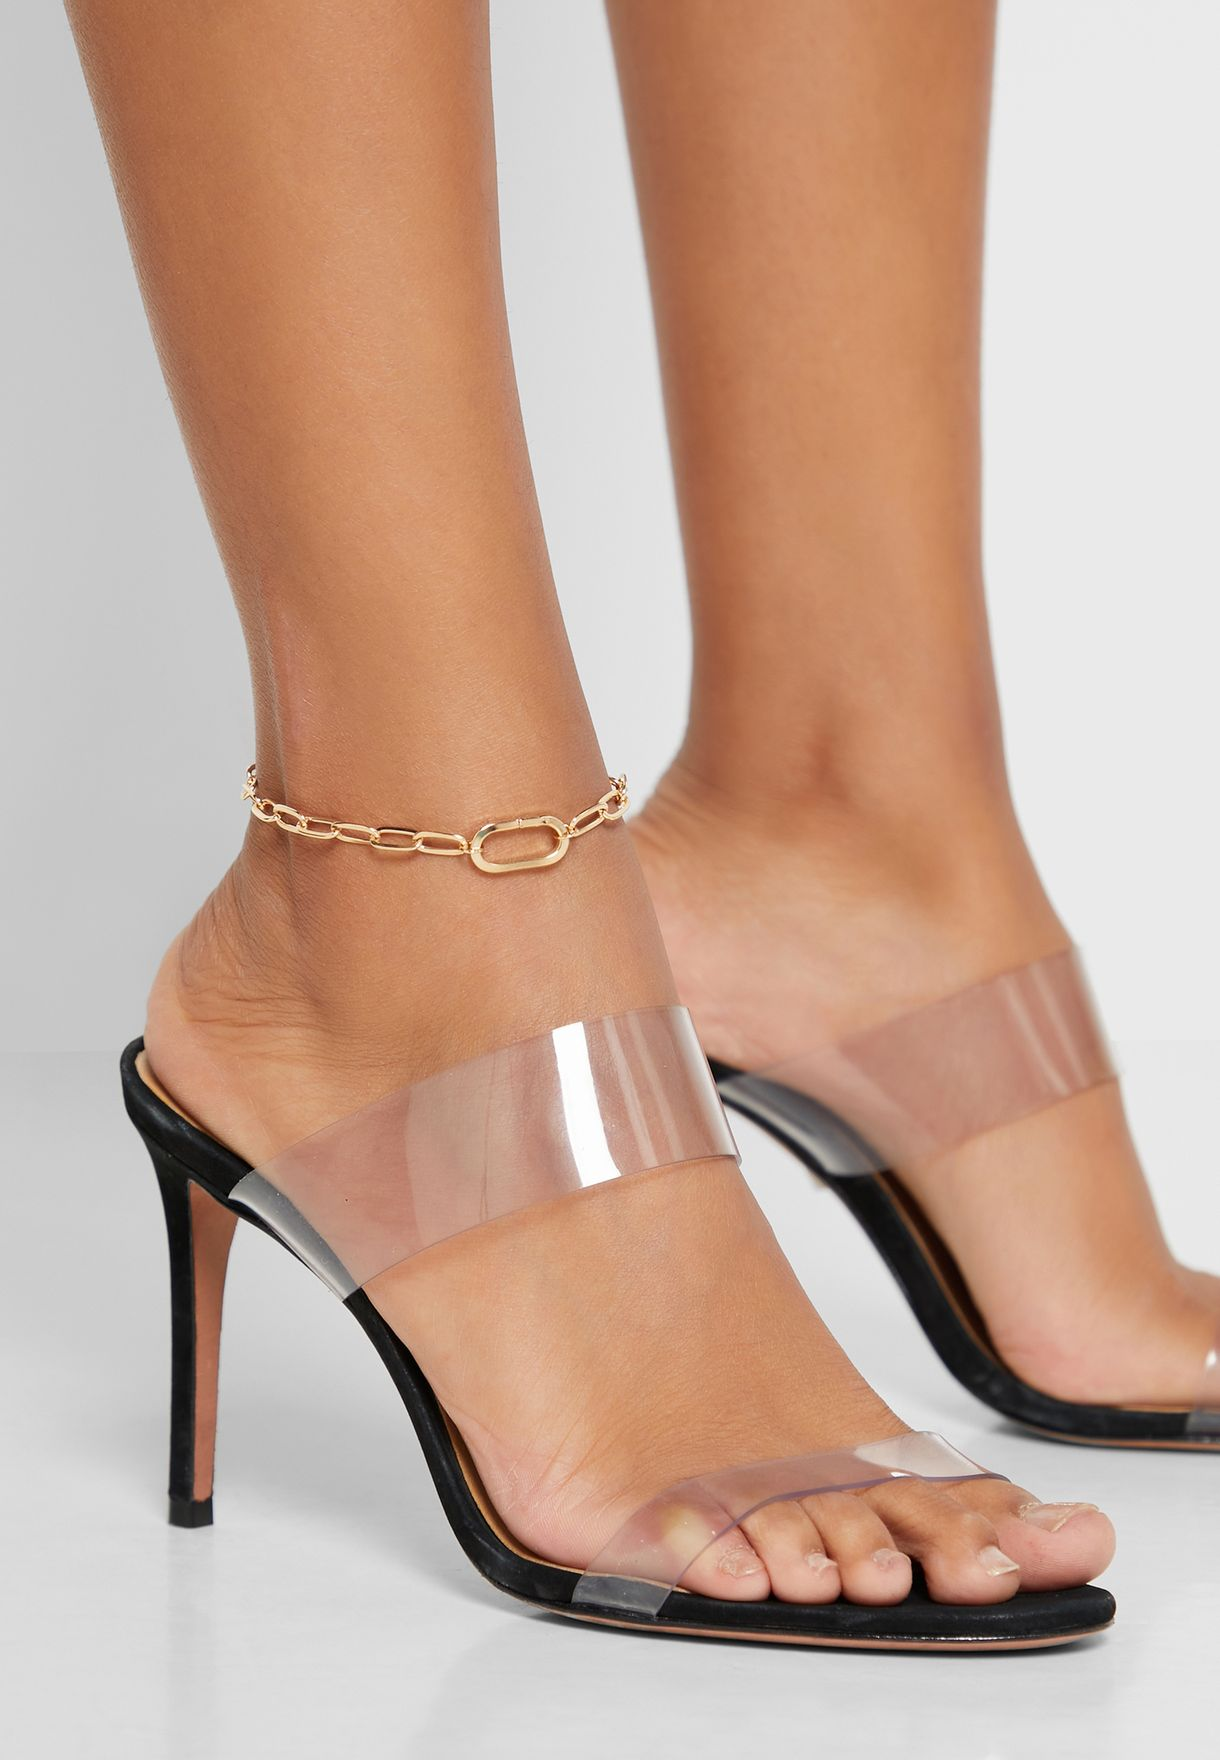 Oversized Link Anklet